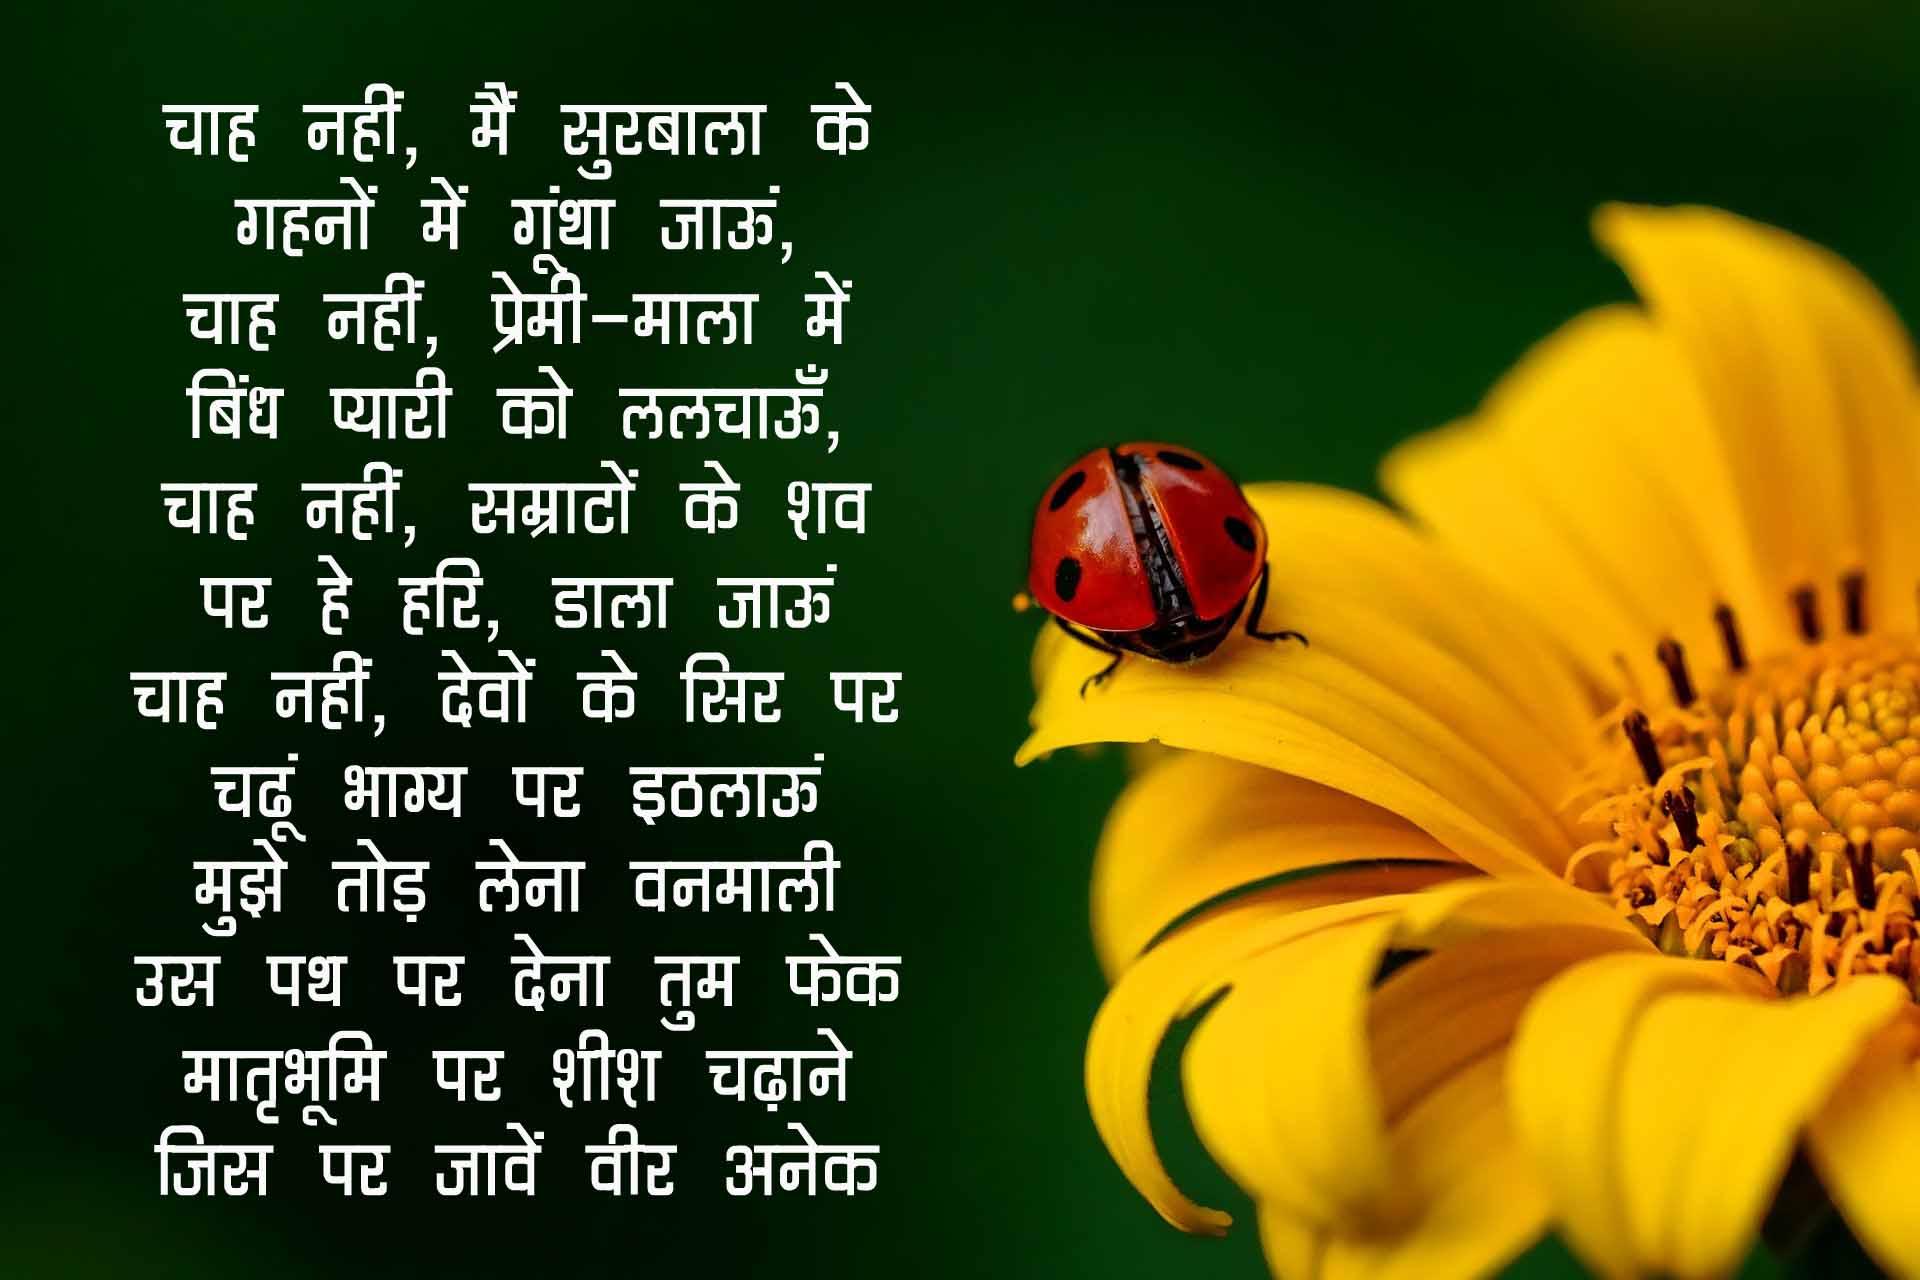 Hindi Poem on Flowers